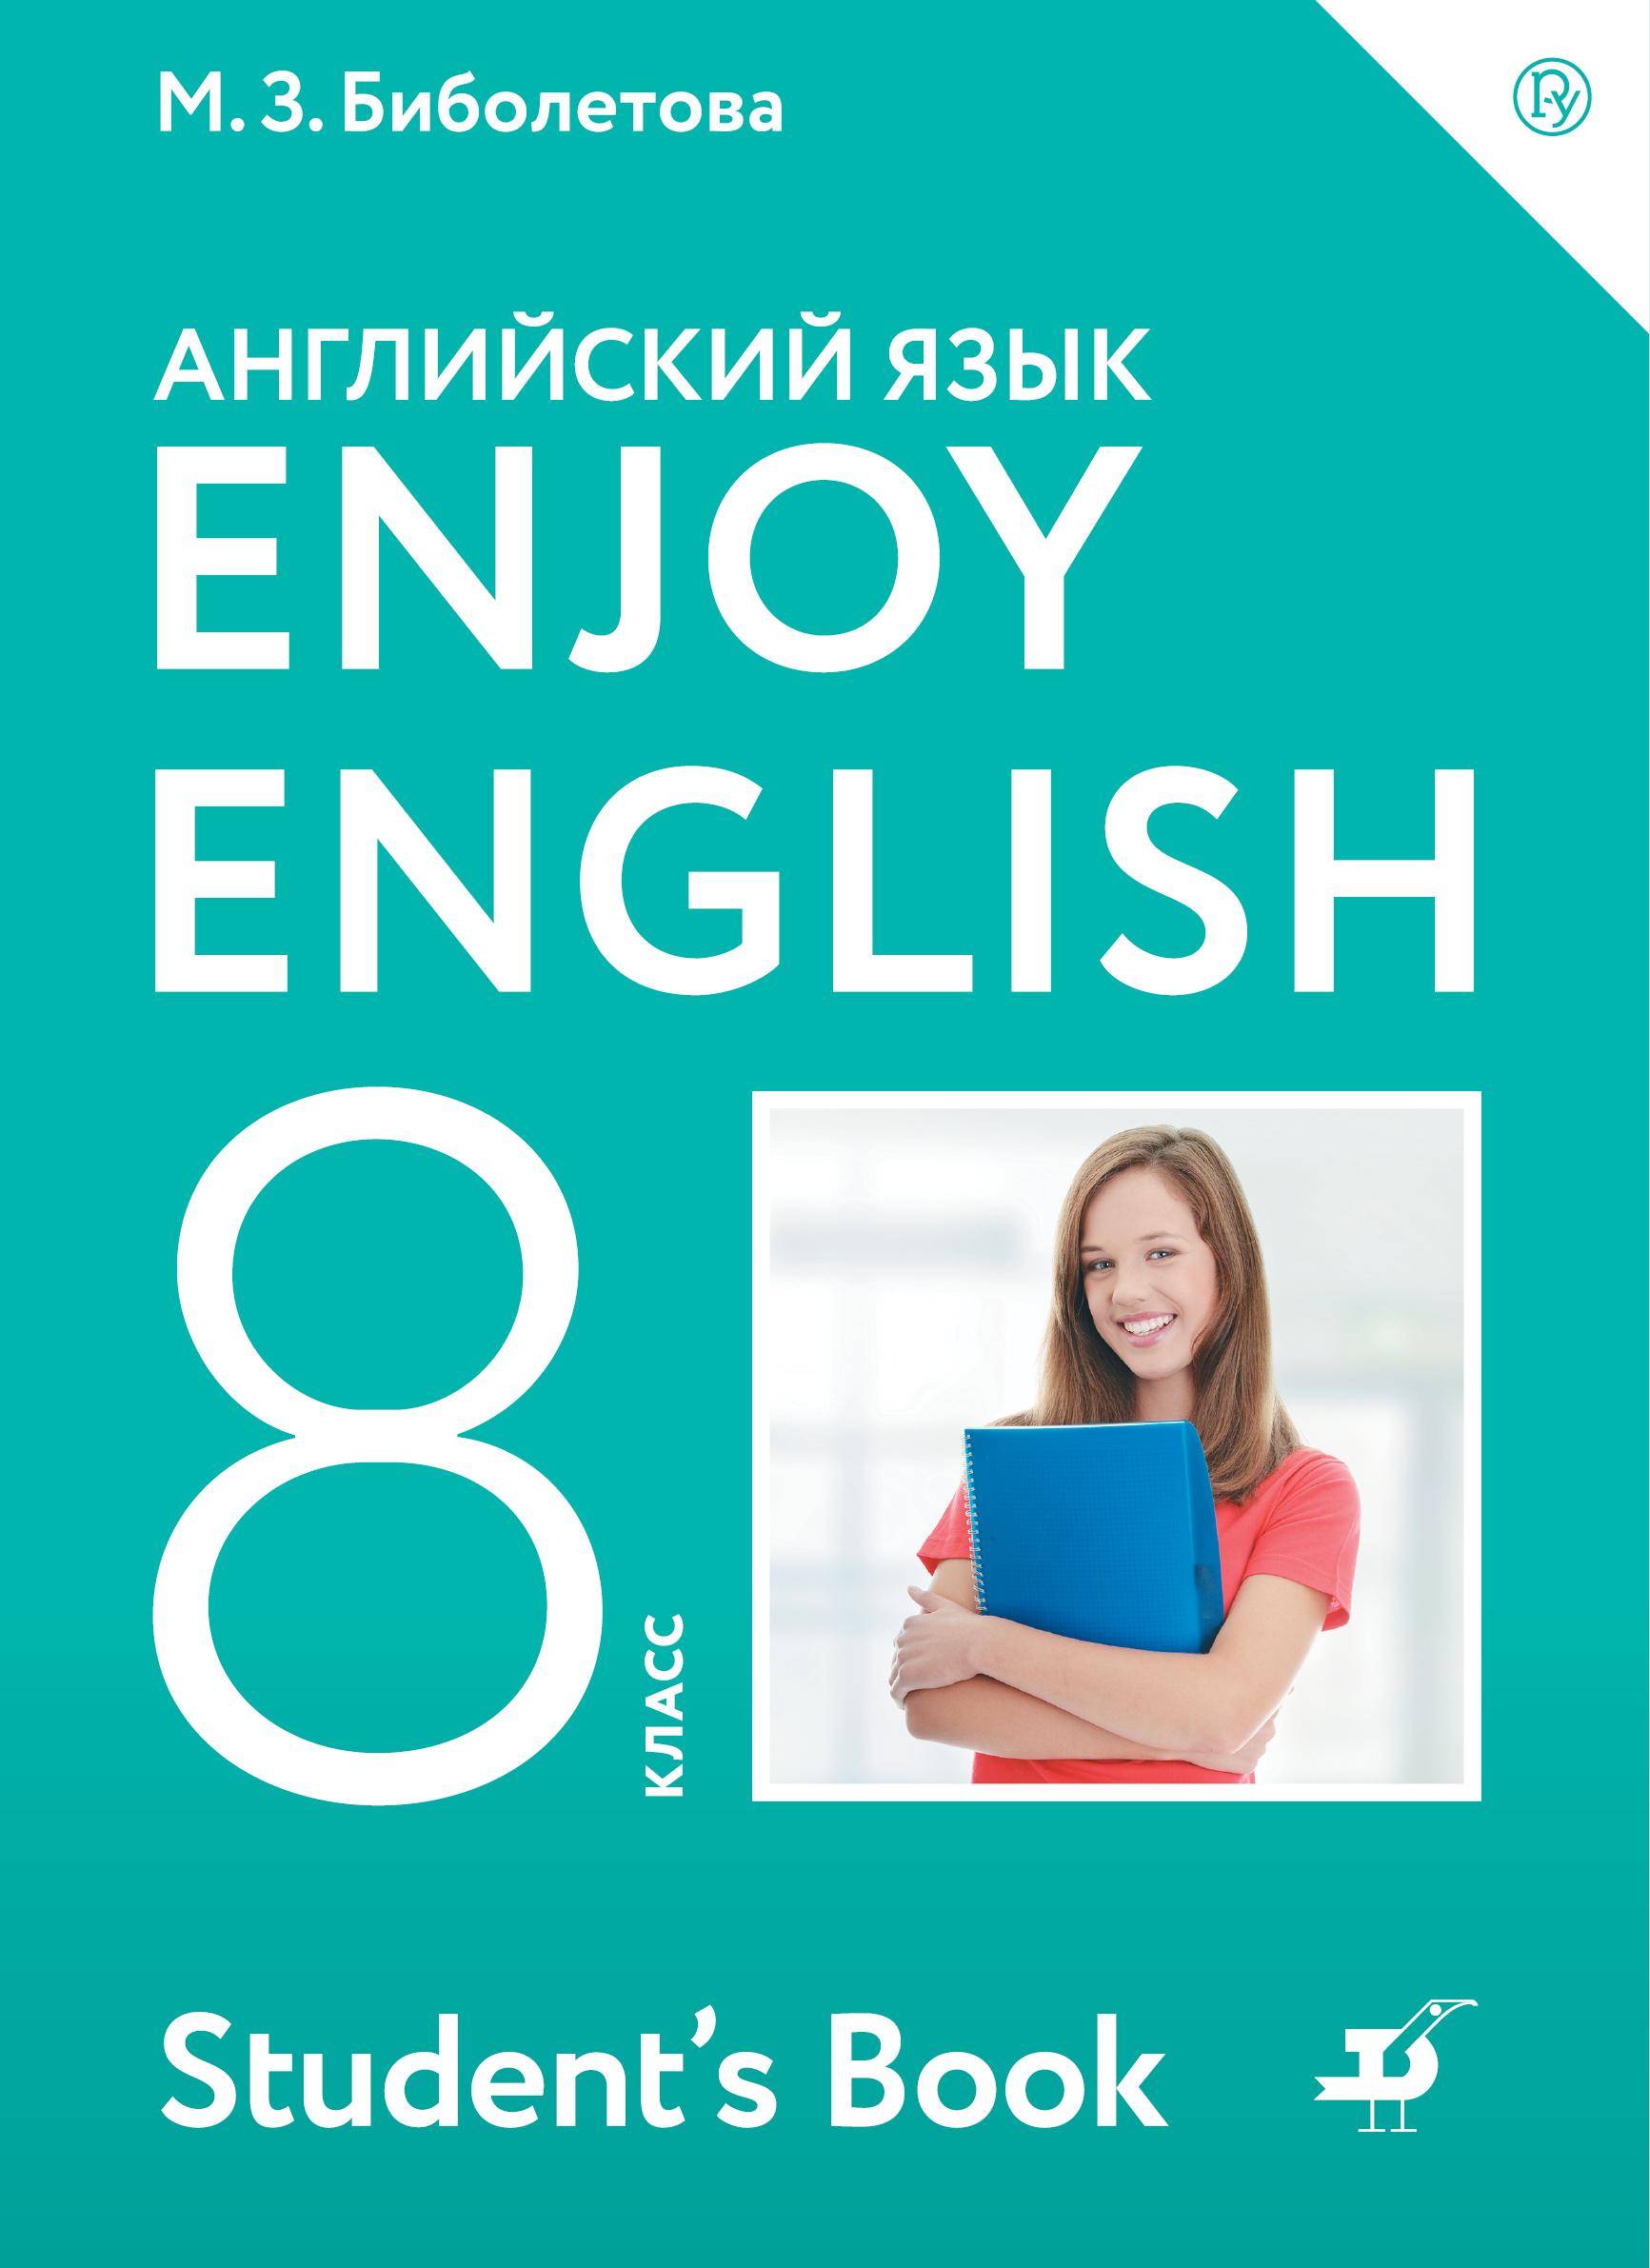 Enjoy English 8: Student's Book / Английский с удовольствием. 8 класс. Учебник, М. З. Биболетова